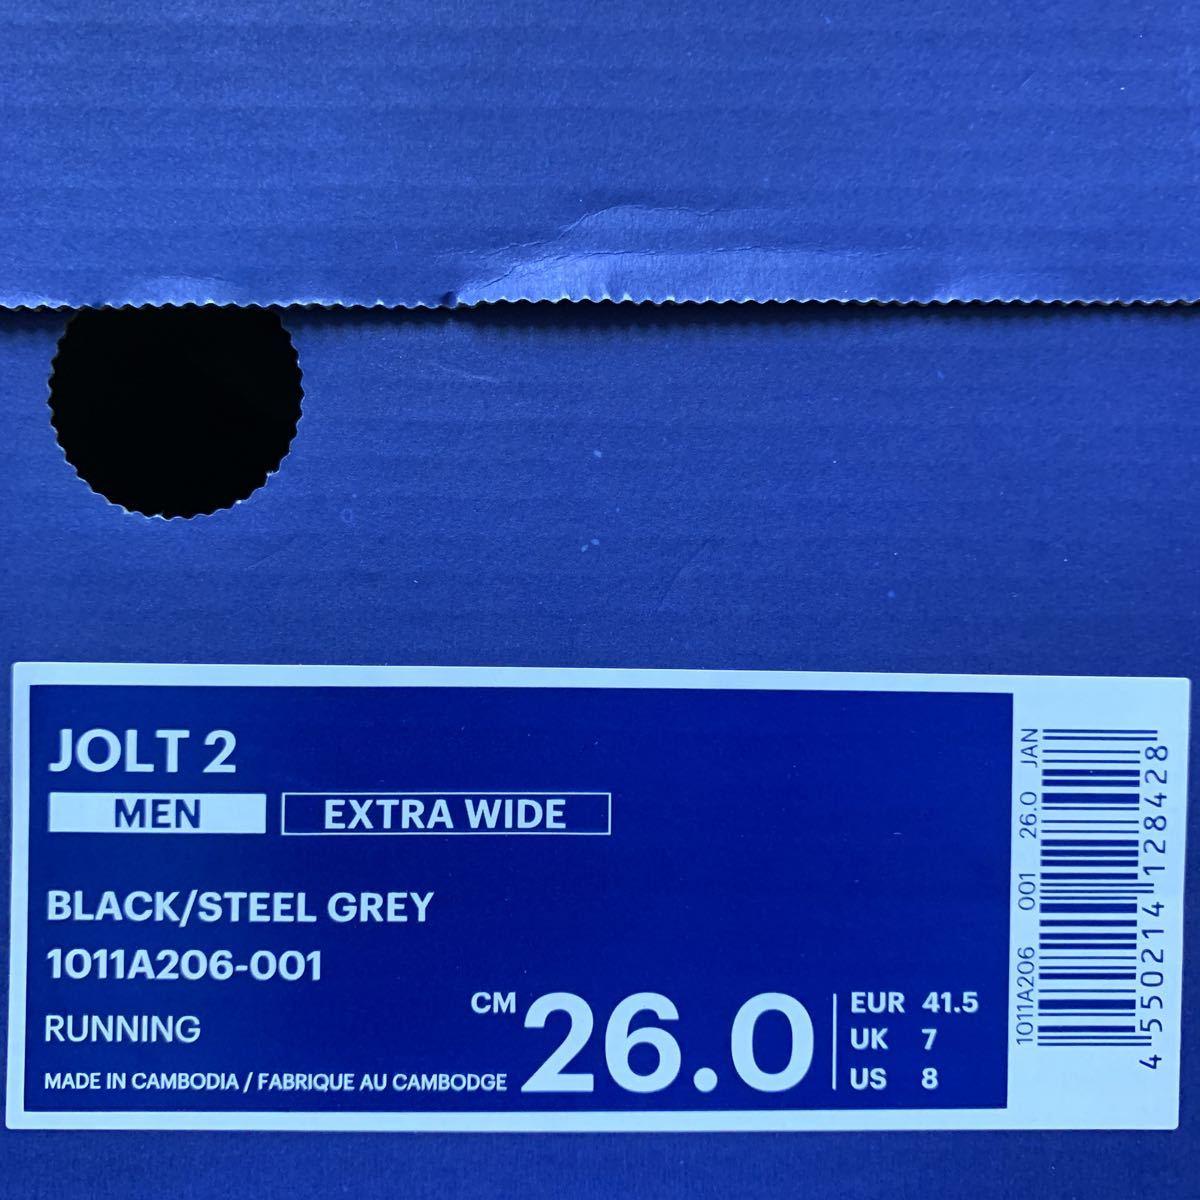 asics アシックス 1011A206-001 JOLT 2 26.0cm 新品